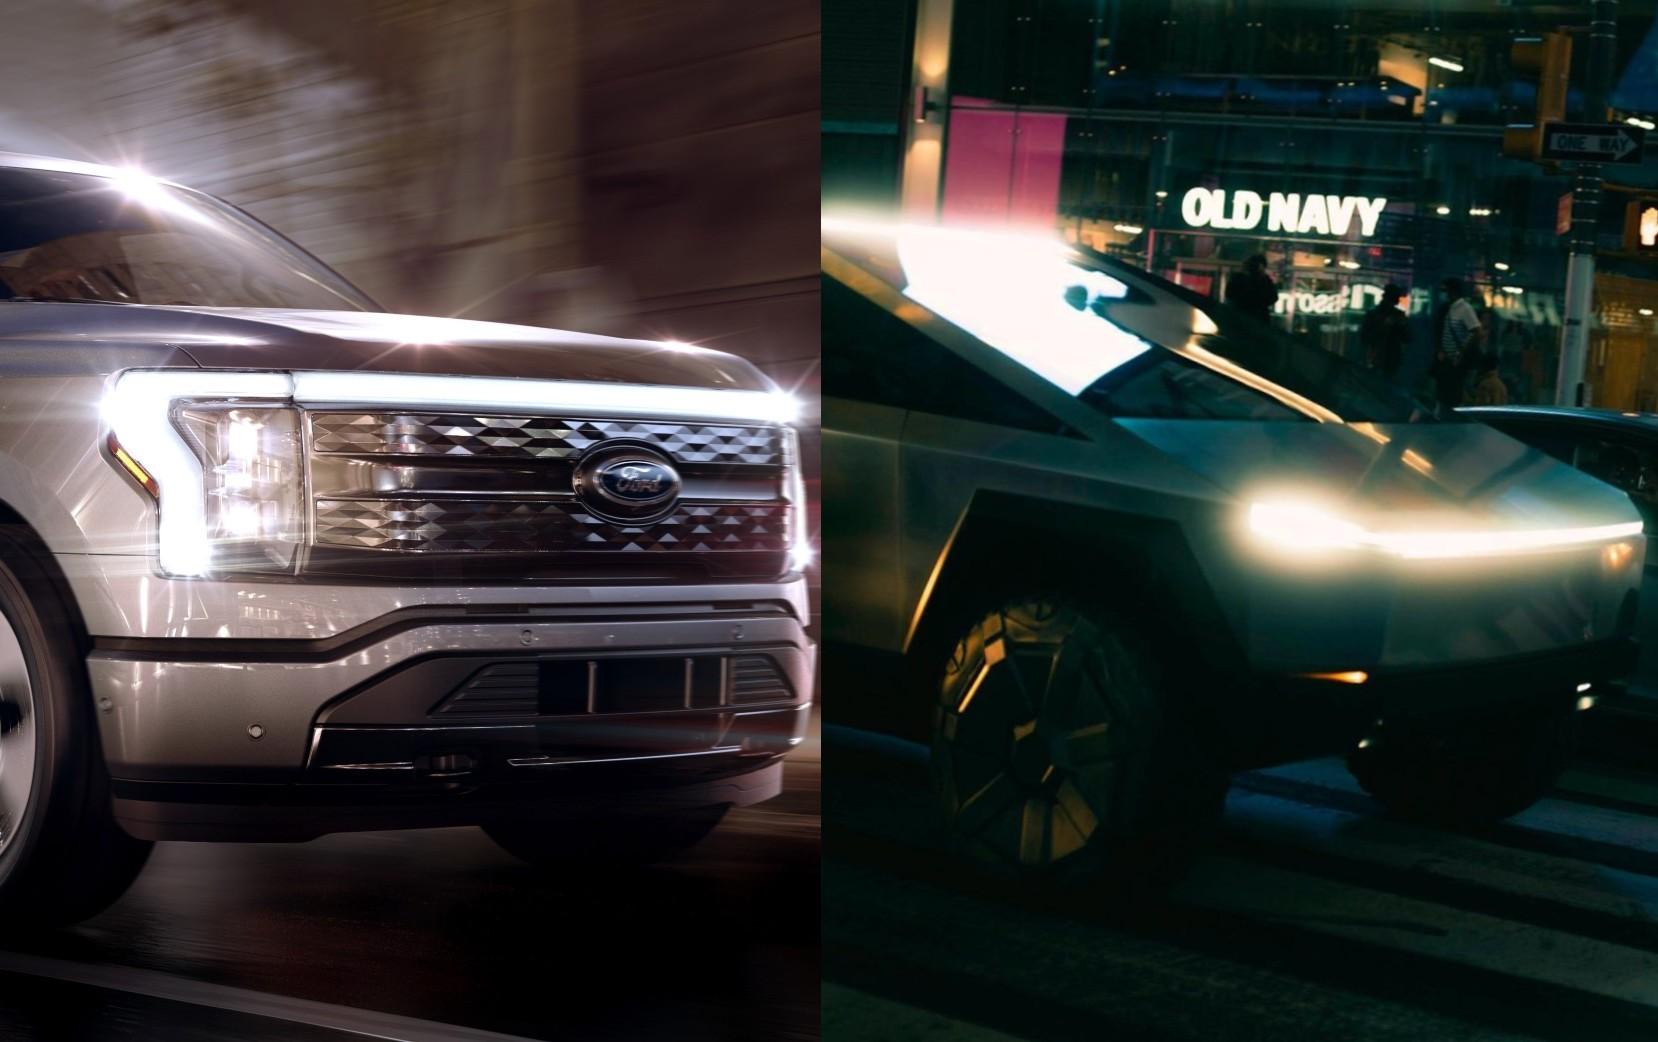 Детали Ford F-150 Lightning демонстрируют удивительную премию по сравнению с Tesla Cybertruck